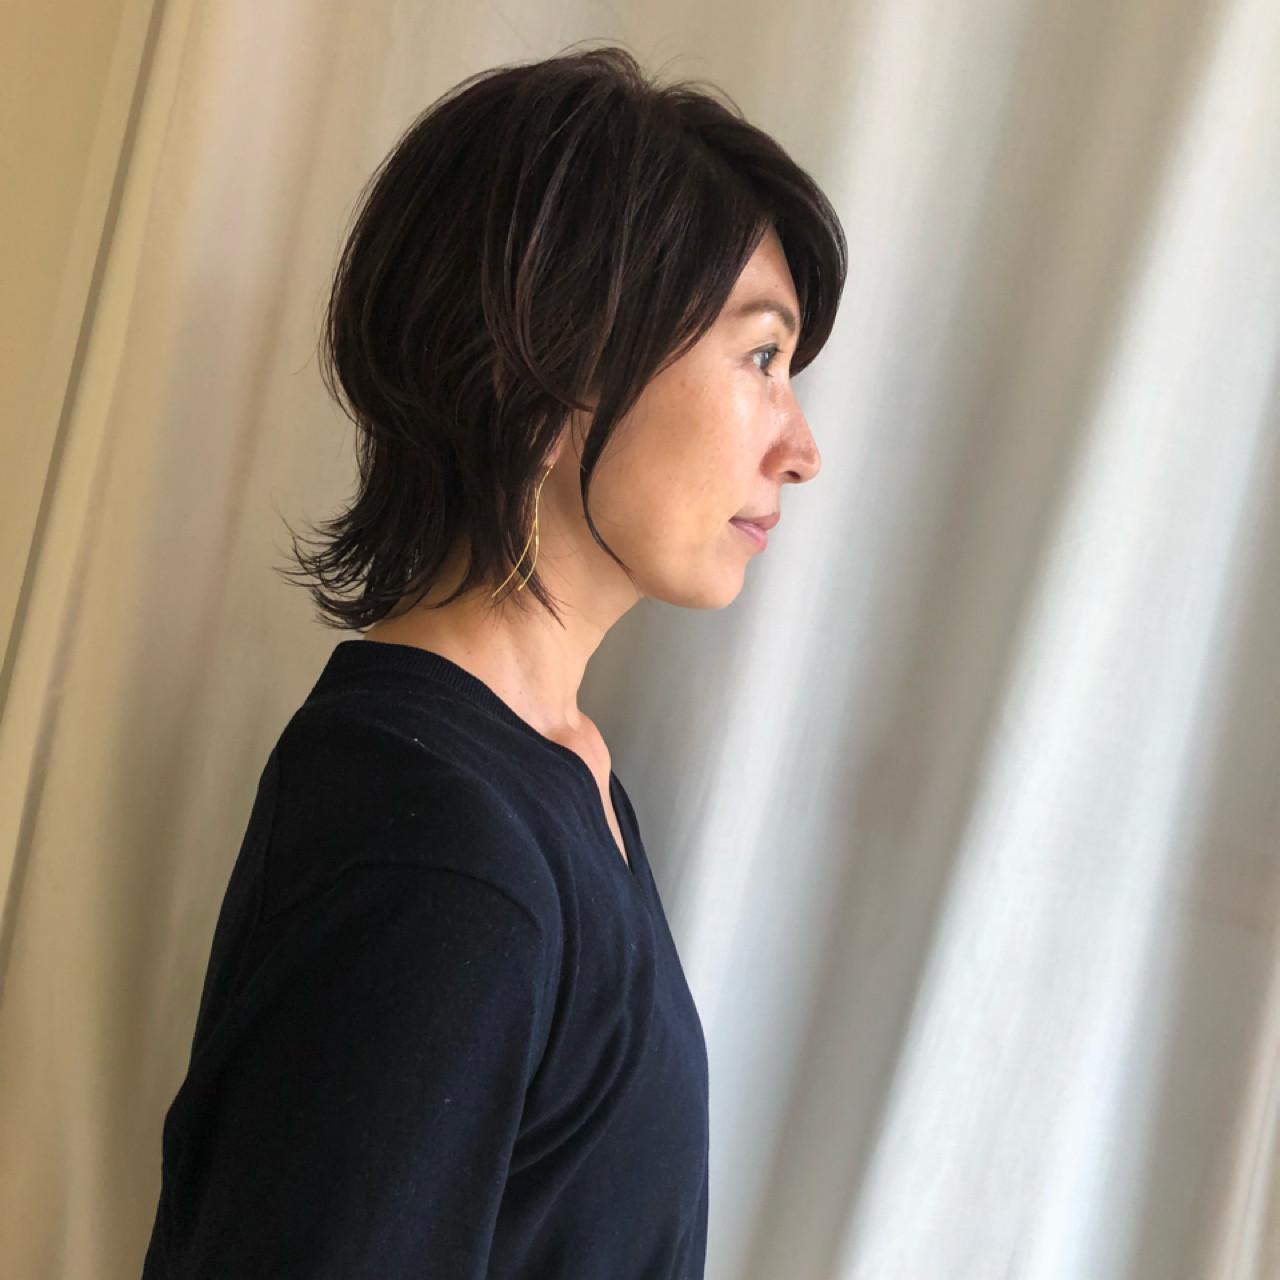 コンサバ ショート 40代 エレガンス ヘアスタイルや髪型の写真・画像 | 岩城 浩子 / figue hair